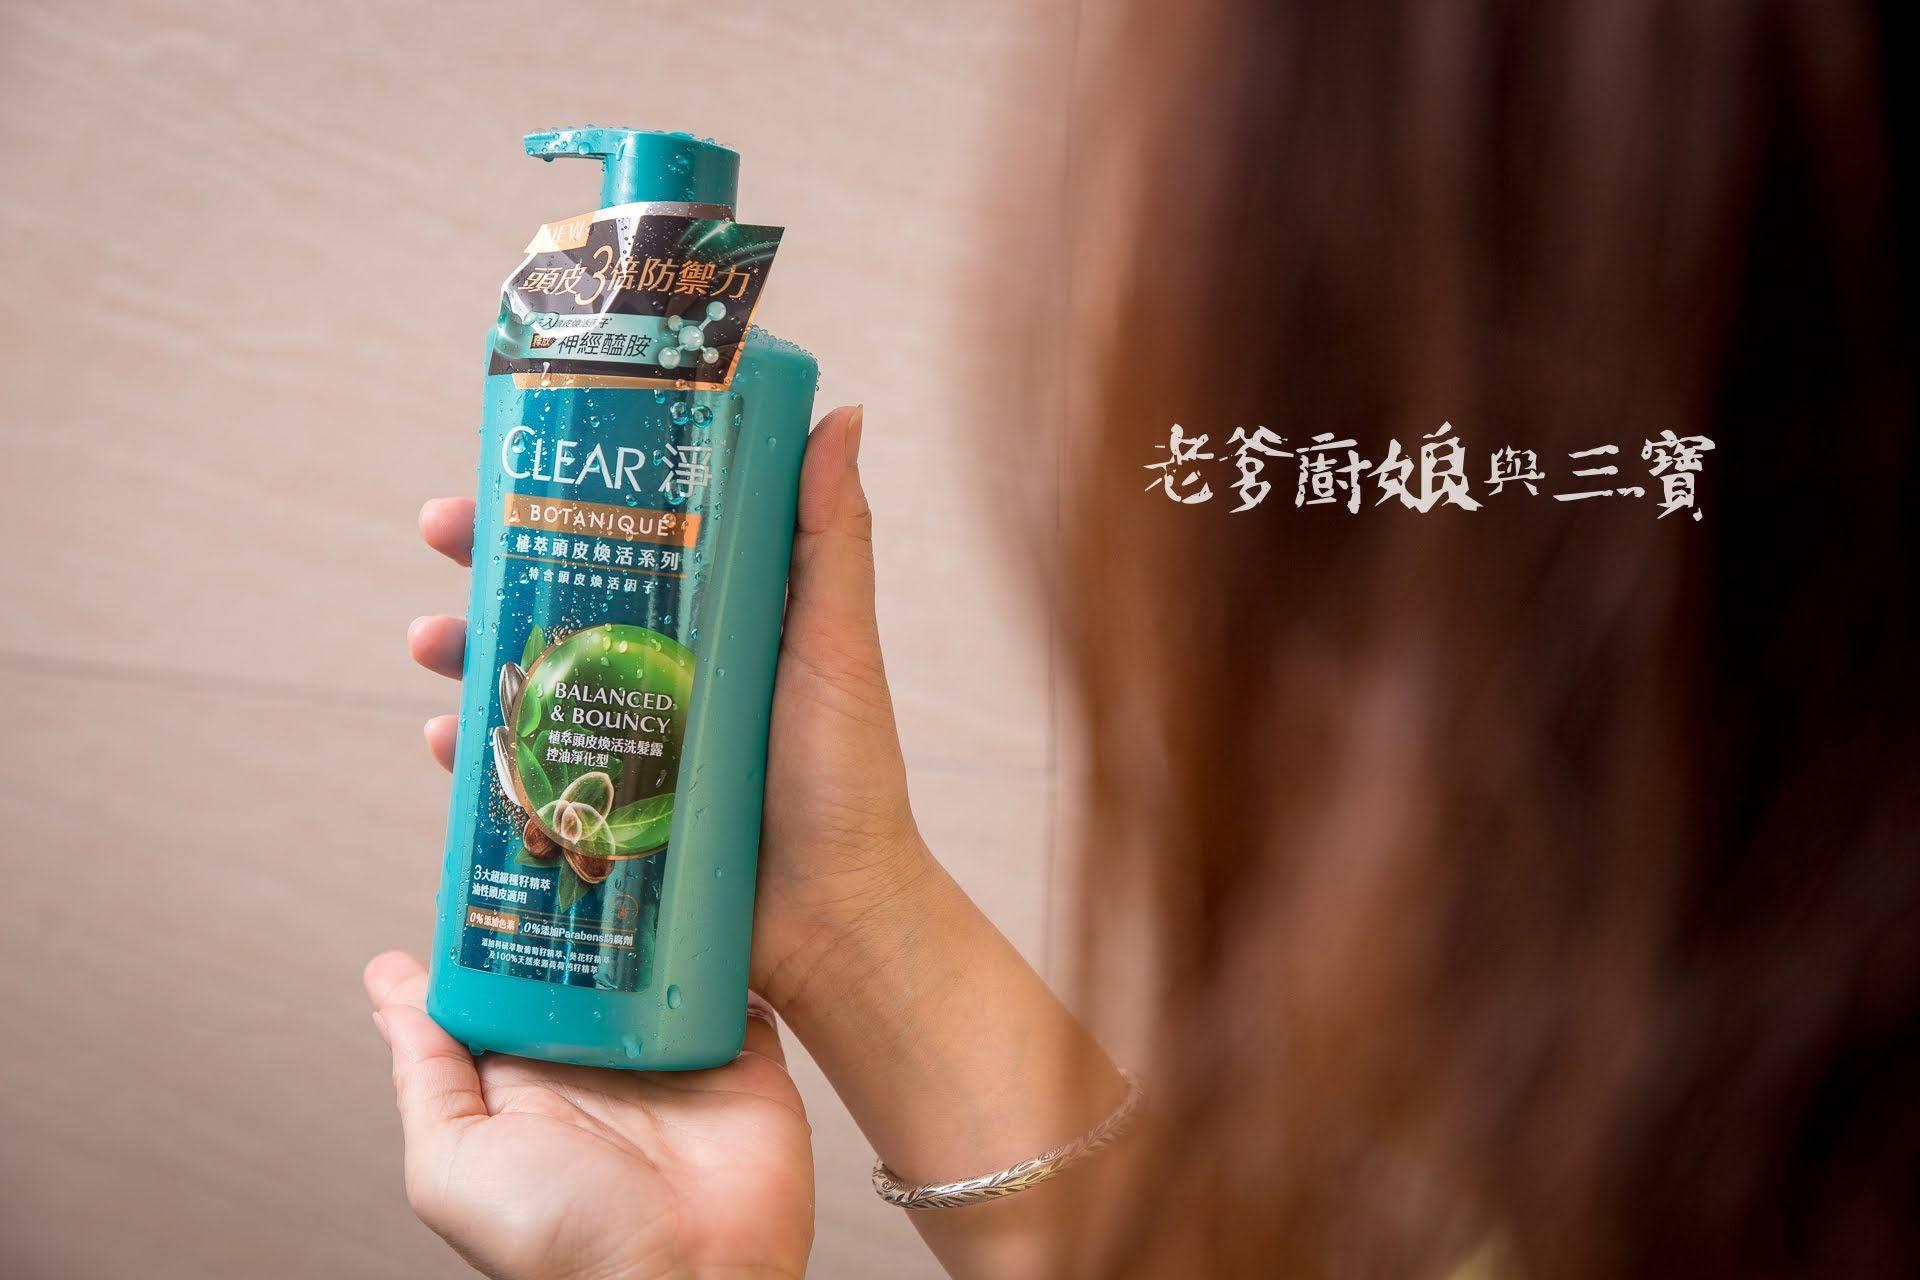 每次入手總是使人驚艷的CLEAR淨...有助生成神經醯胺、煥活頭皮3倍防禦力的植萃頭皮煥活洗髮露、植萃頭皮煥活精華護髮乳